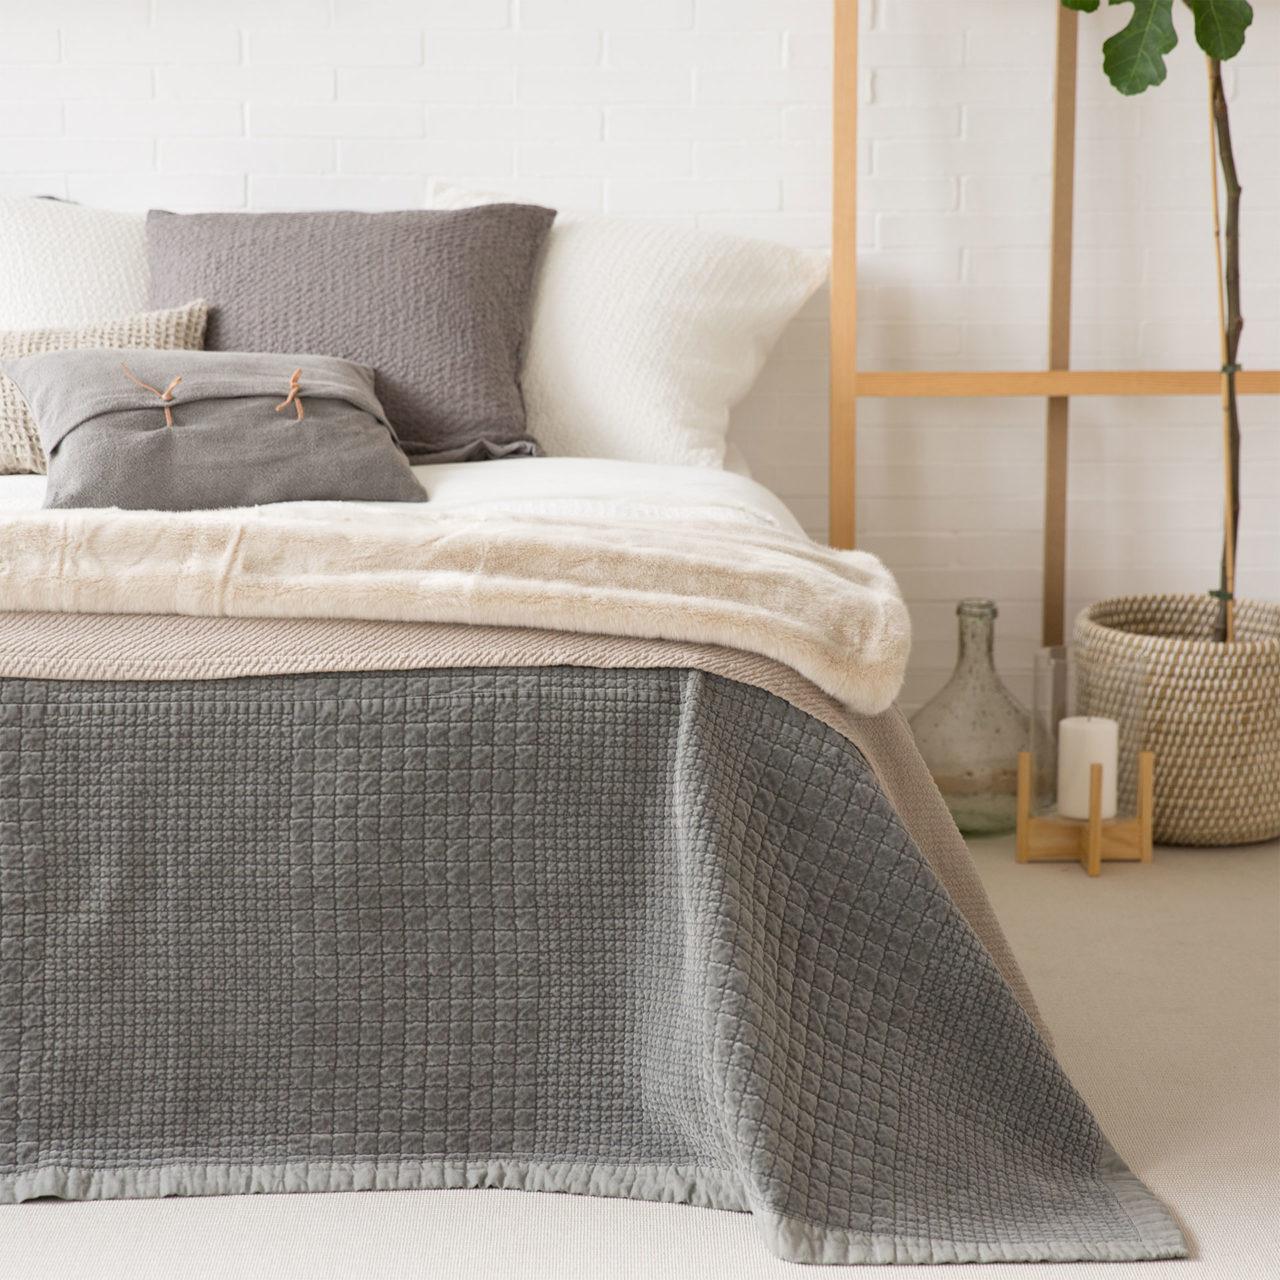 journelles noms oktober zara home quilt 1 journelles. Black Bedroom Furniture Sets. Home Design Ideas